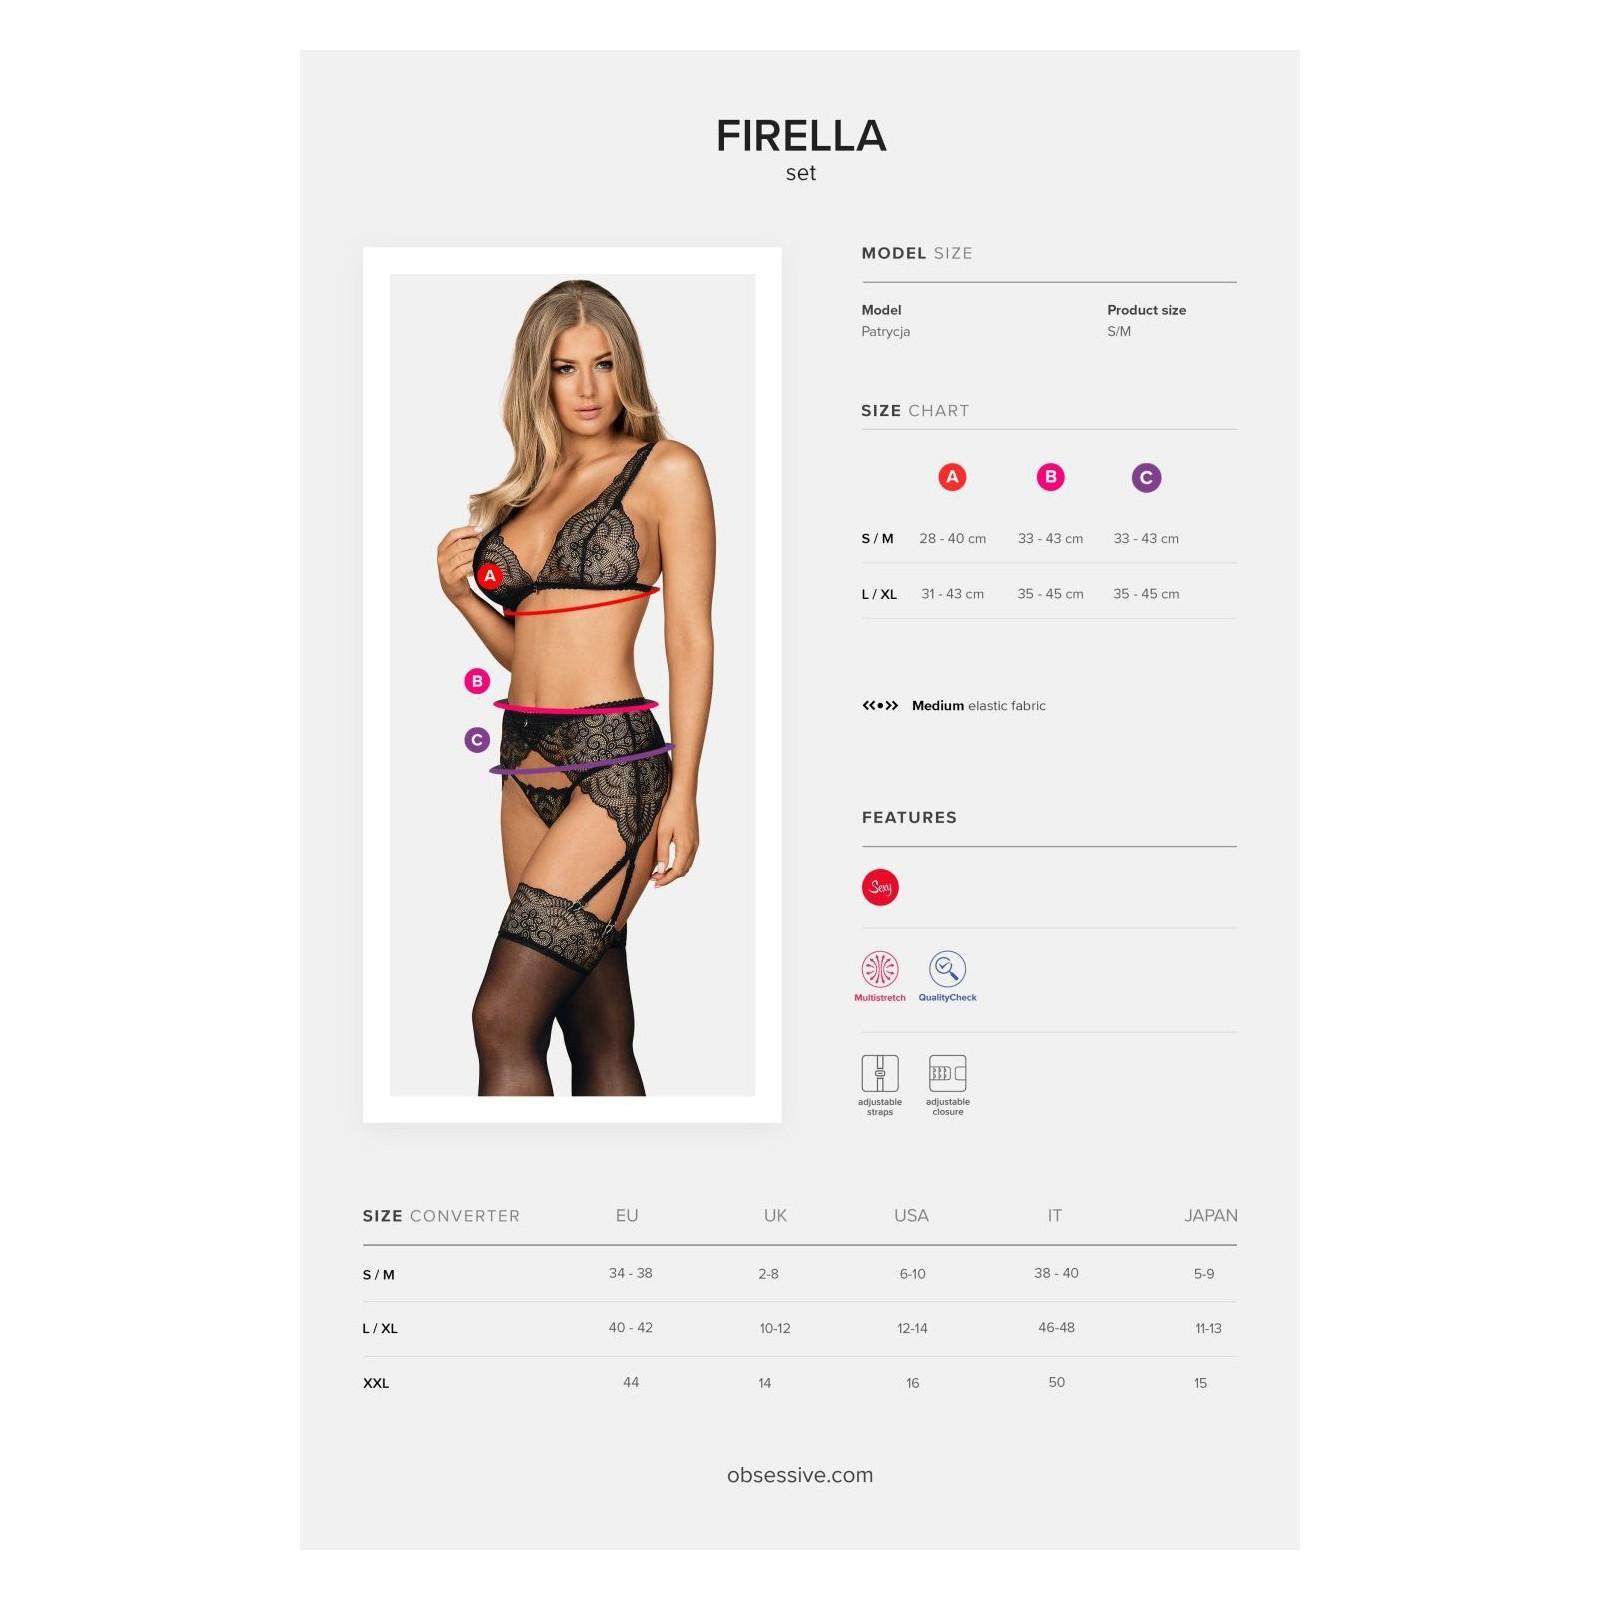 Firella 3er-Set - 7 - Vorschaubild